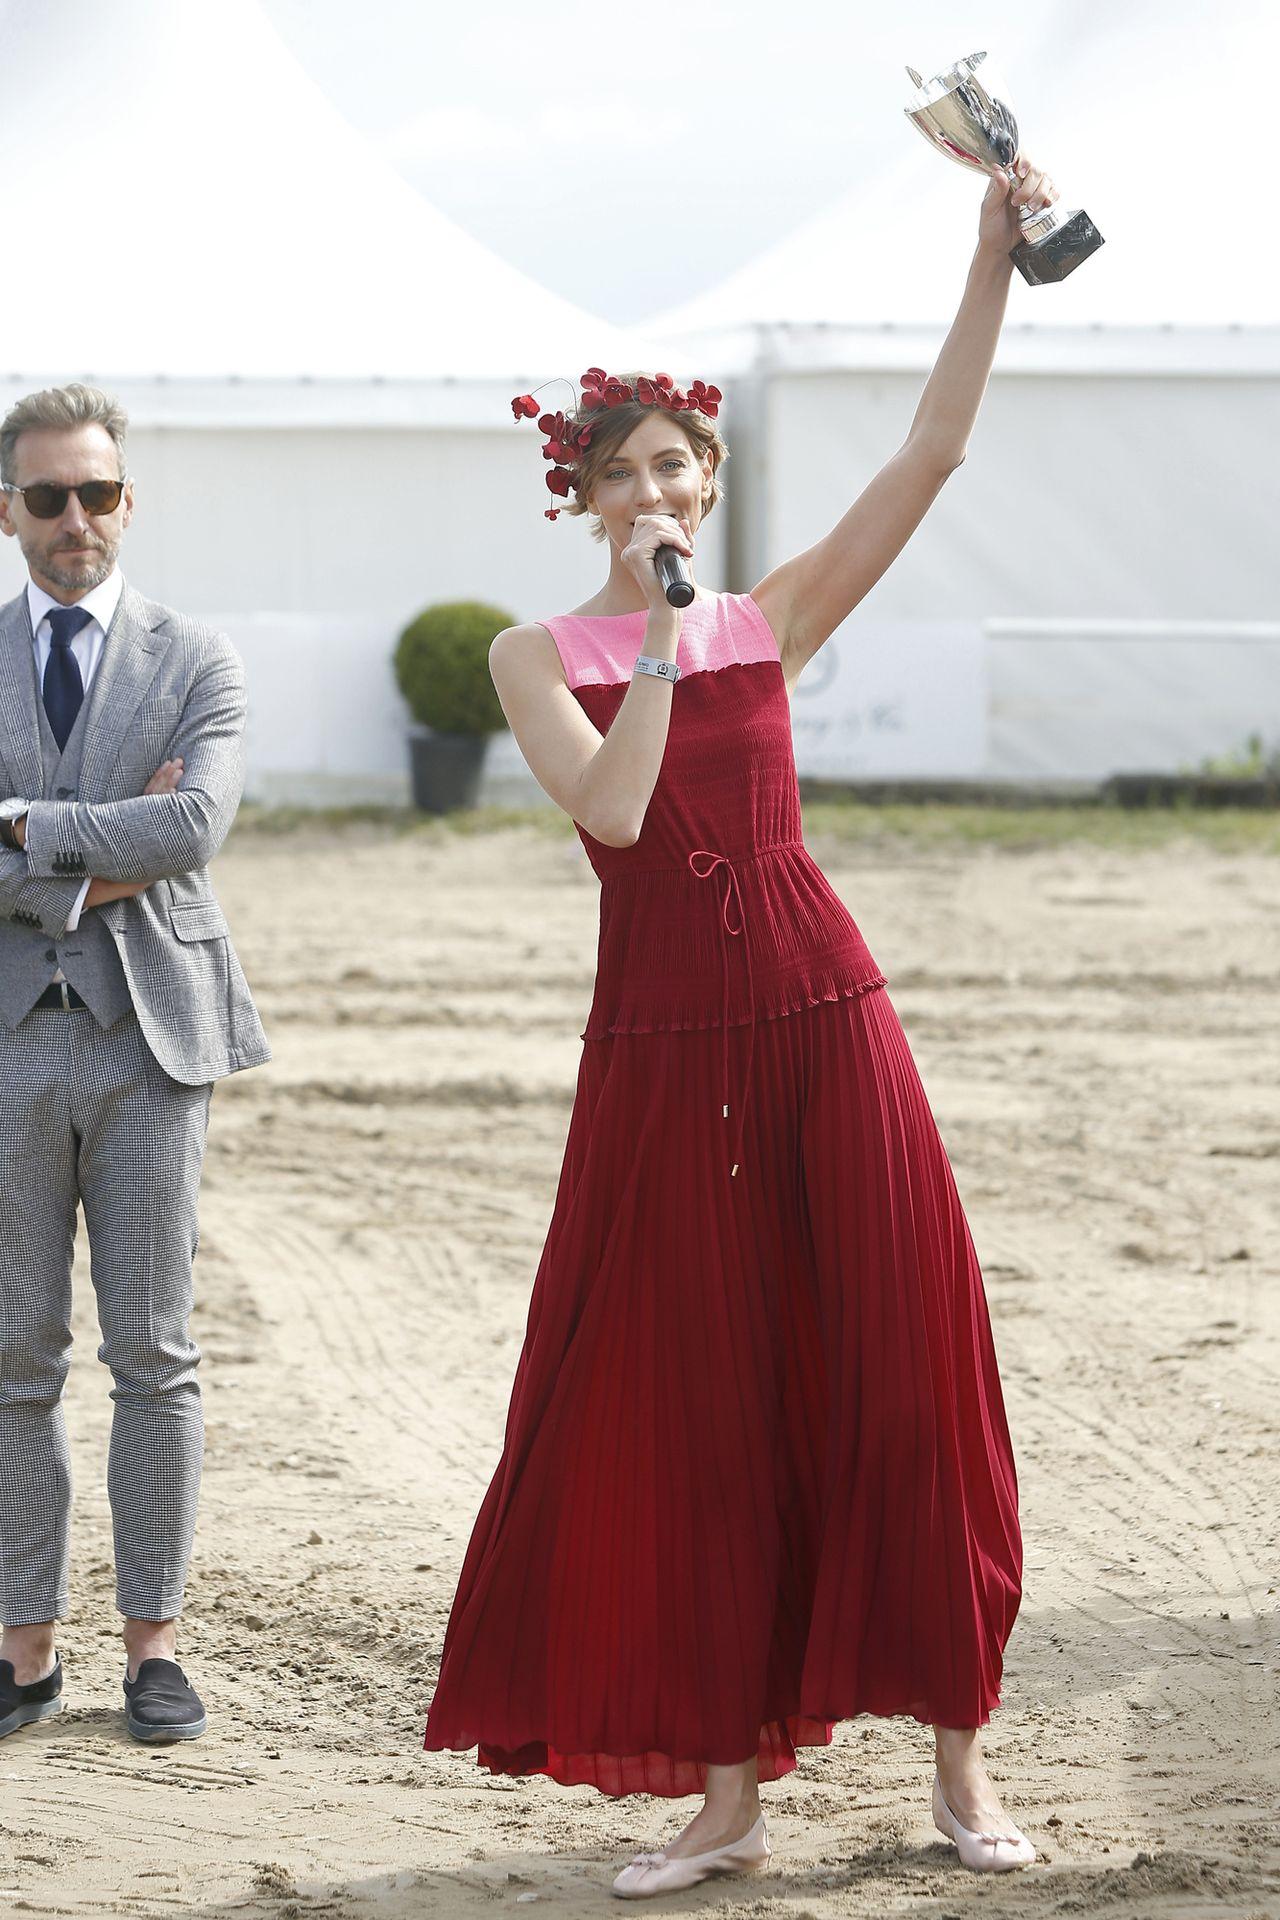 Torebka - hit! Przebiłaby Pani Gigi Hadid! Renata Kaczoruk na Emmy (ZDJĘCIA)